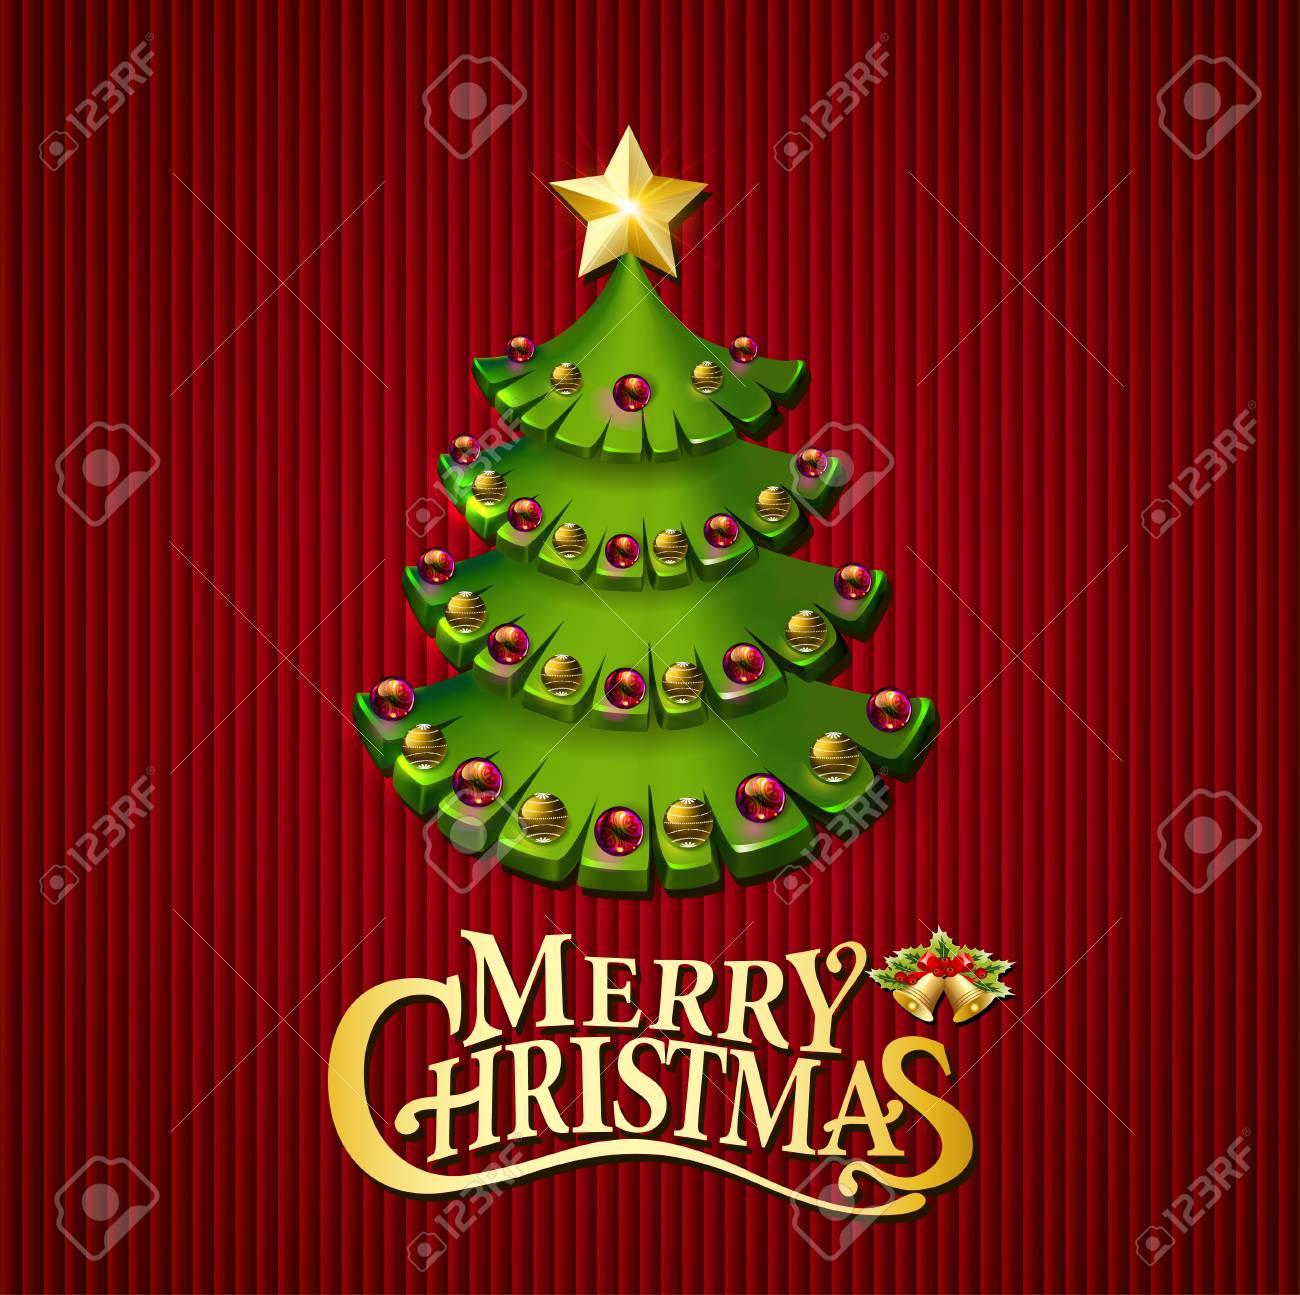 Weihnachtsbäume Illustration Hintergrund Mit Einem Wunsch Lizenzfrei ...